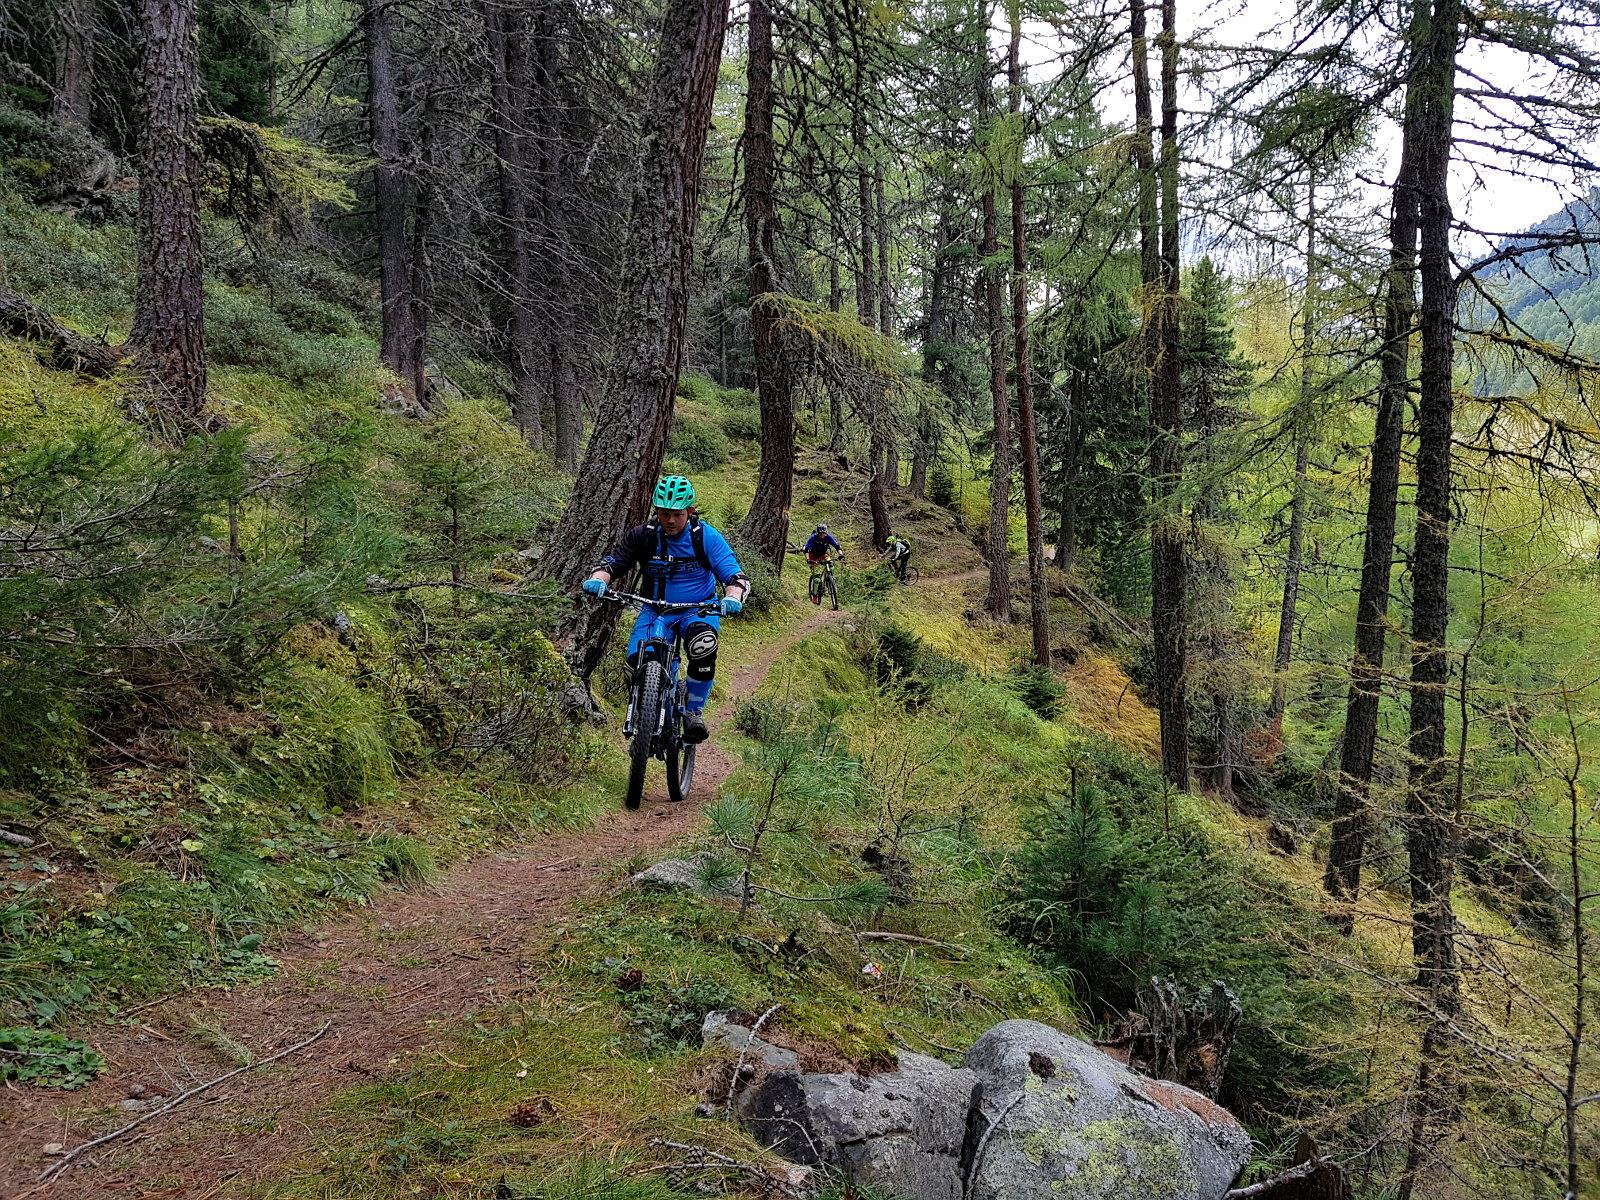 Rückweg aus dem Obervinschgau auf grandiosem Waalweg